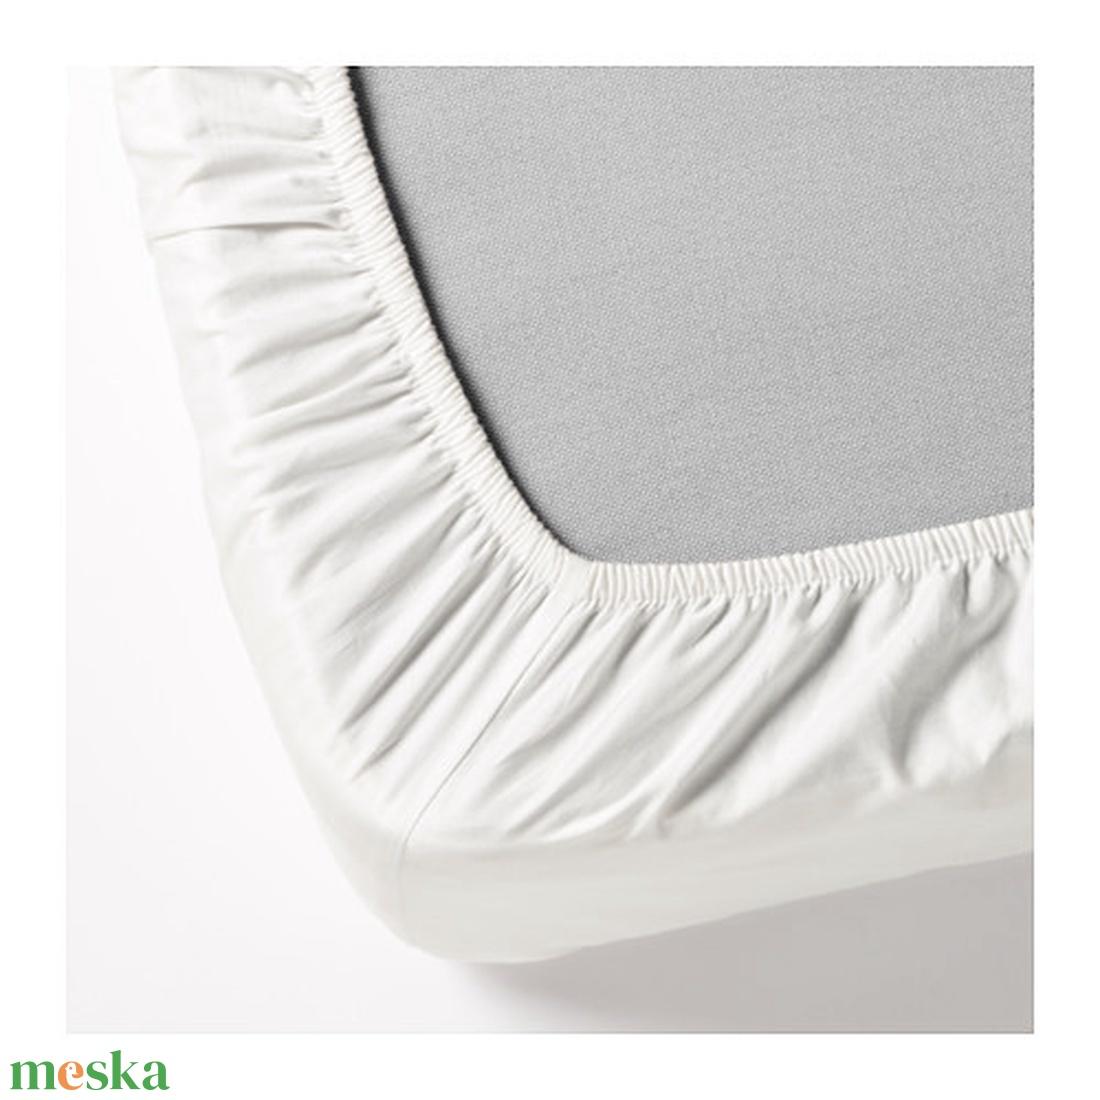 Sok minta - Baba lepedő - körben gumis 120 x 60 x 20 x 20 cm választható textilből - játék & gyerek - Meska.hu